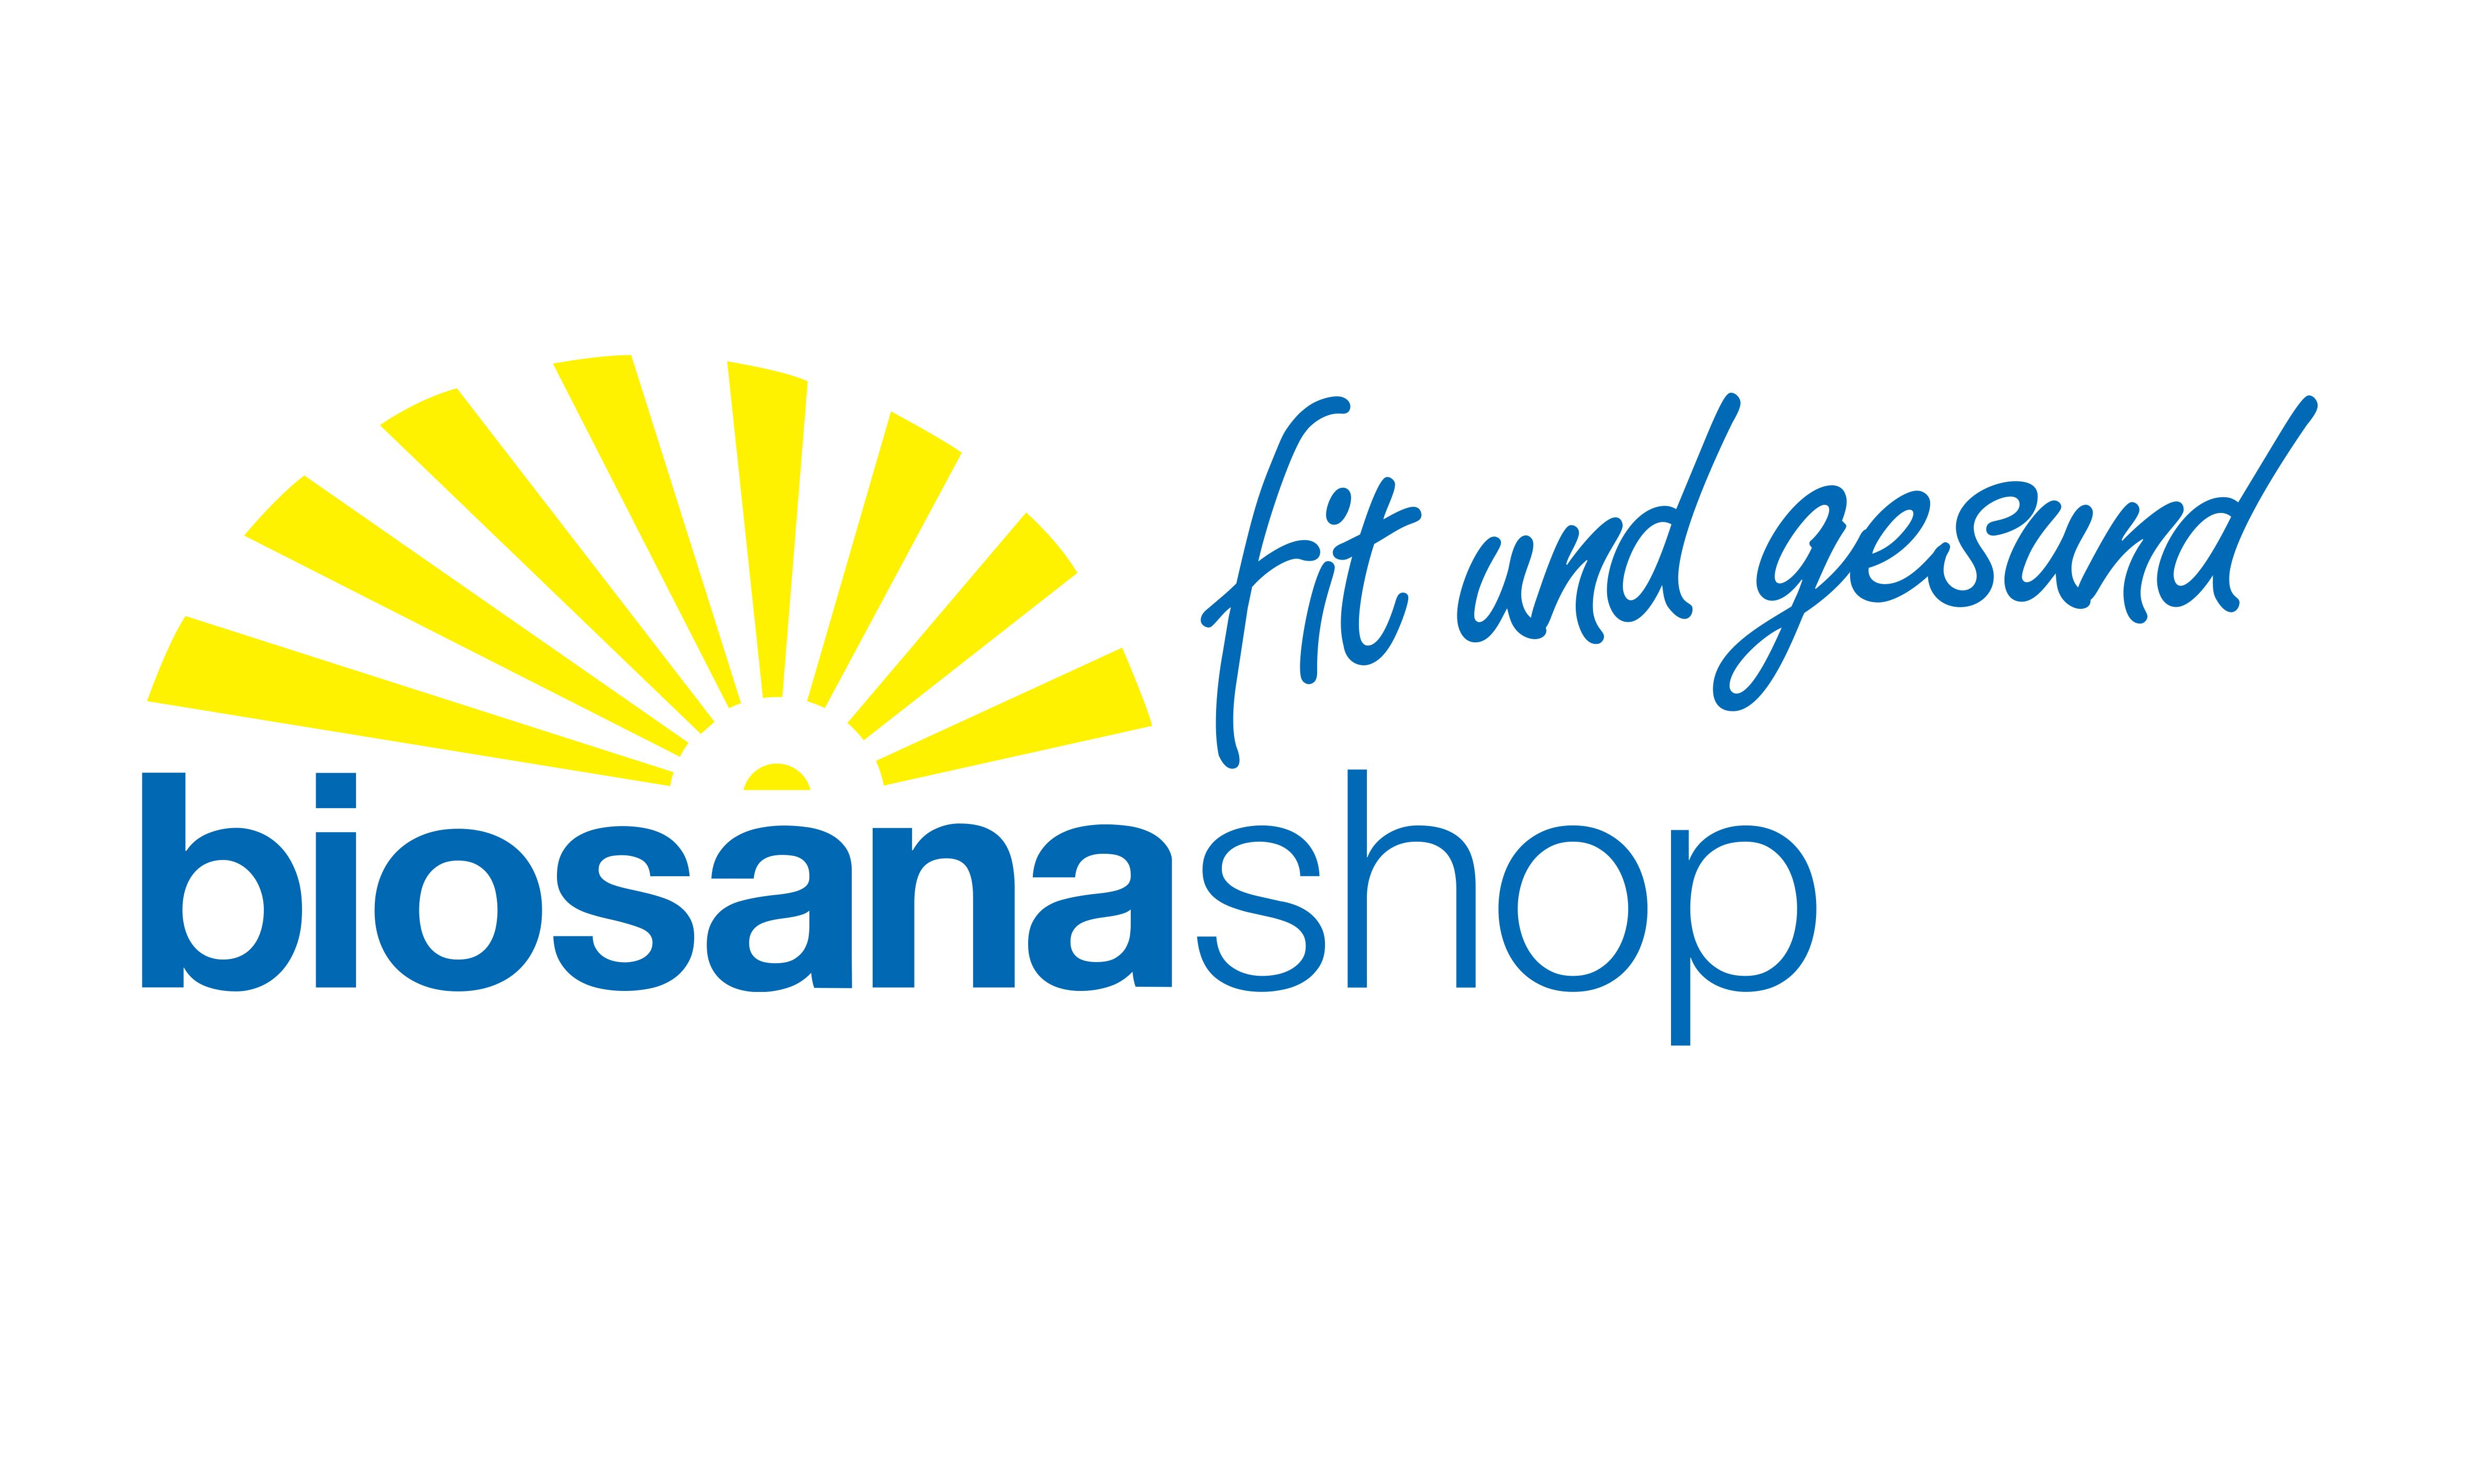 biosanashop